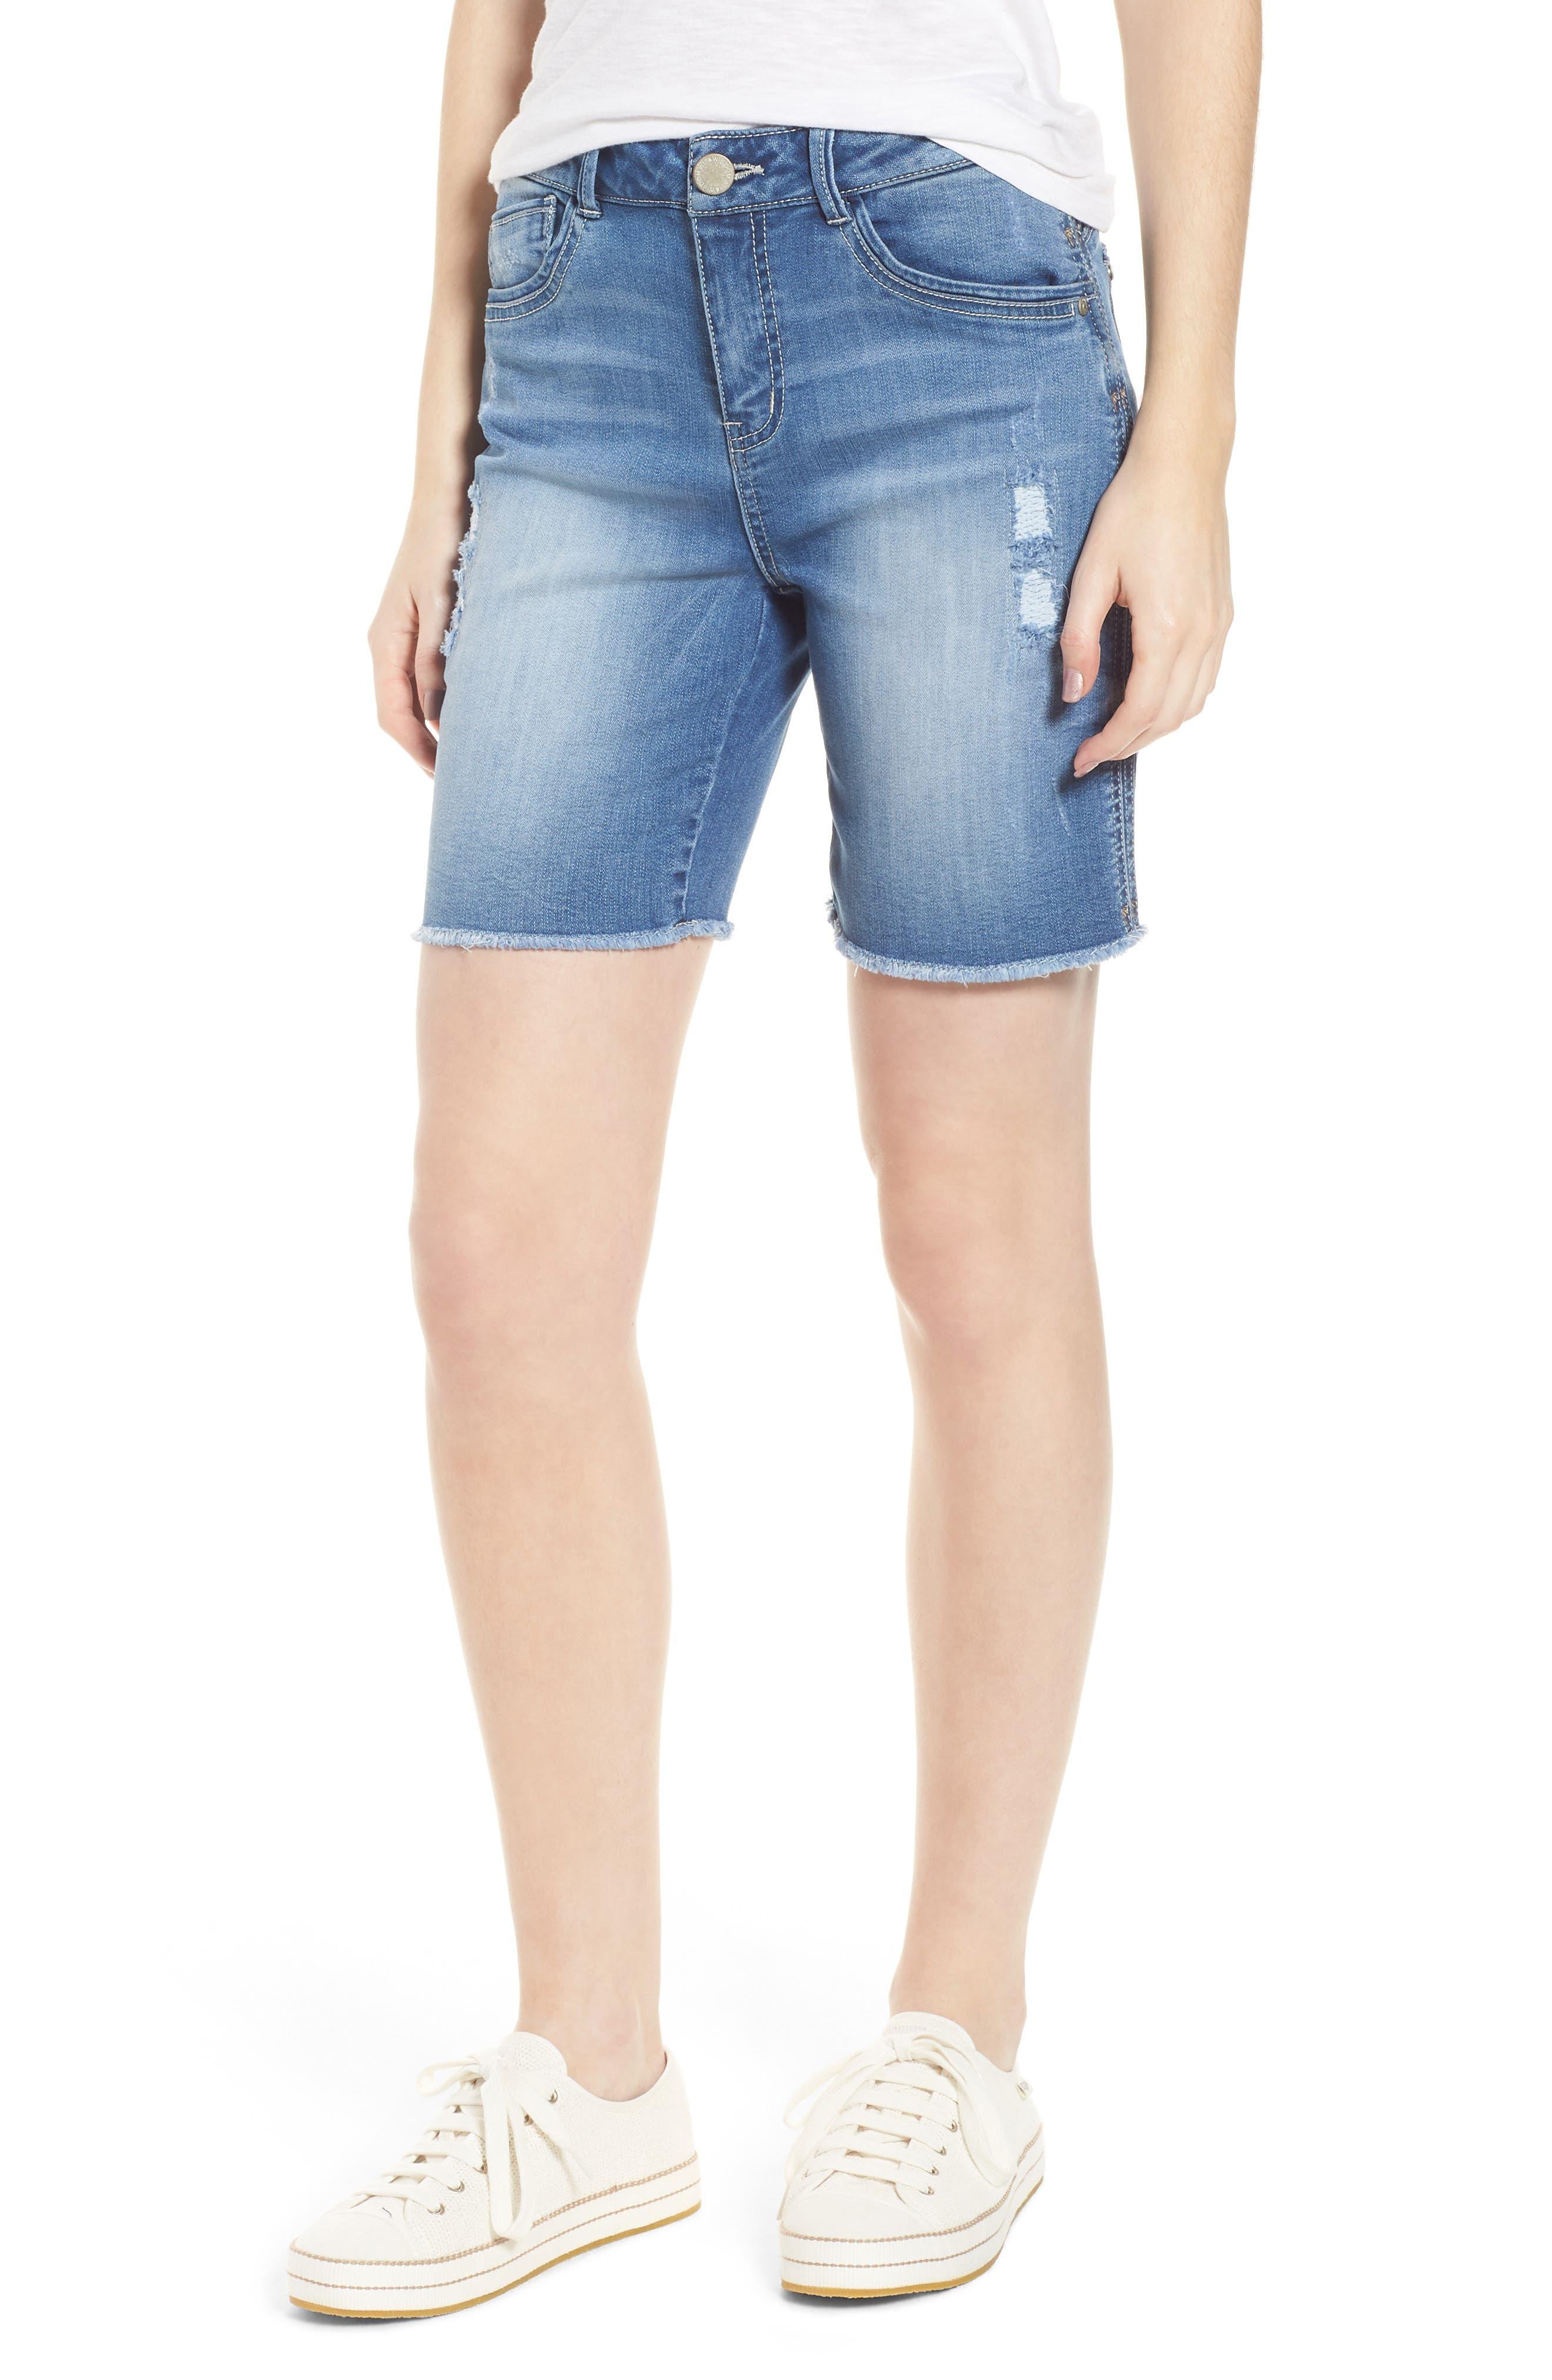 Flex-Ellent High Rise Denim Shorts,                             Main thumbnail 1, color,                             Light Blue